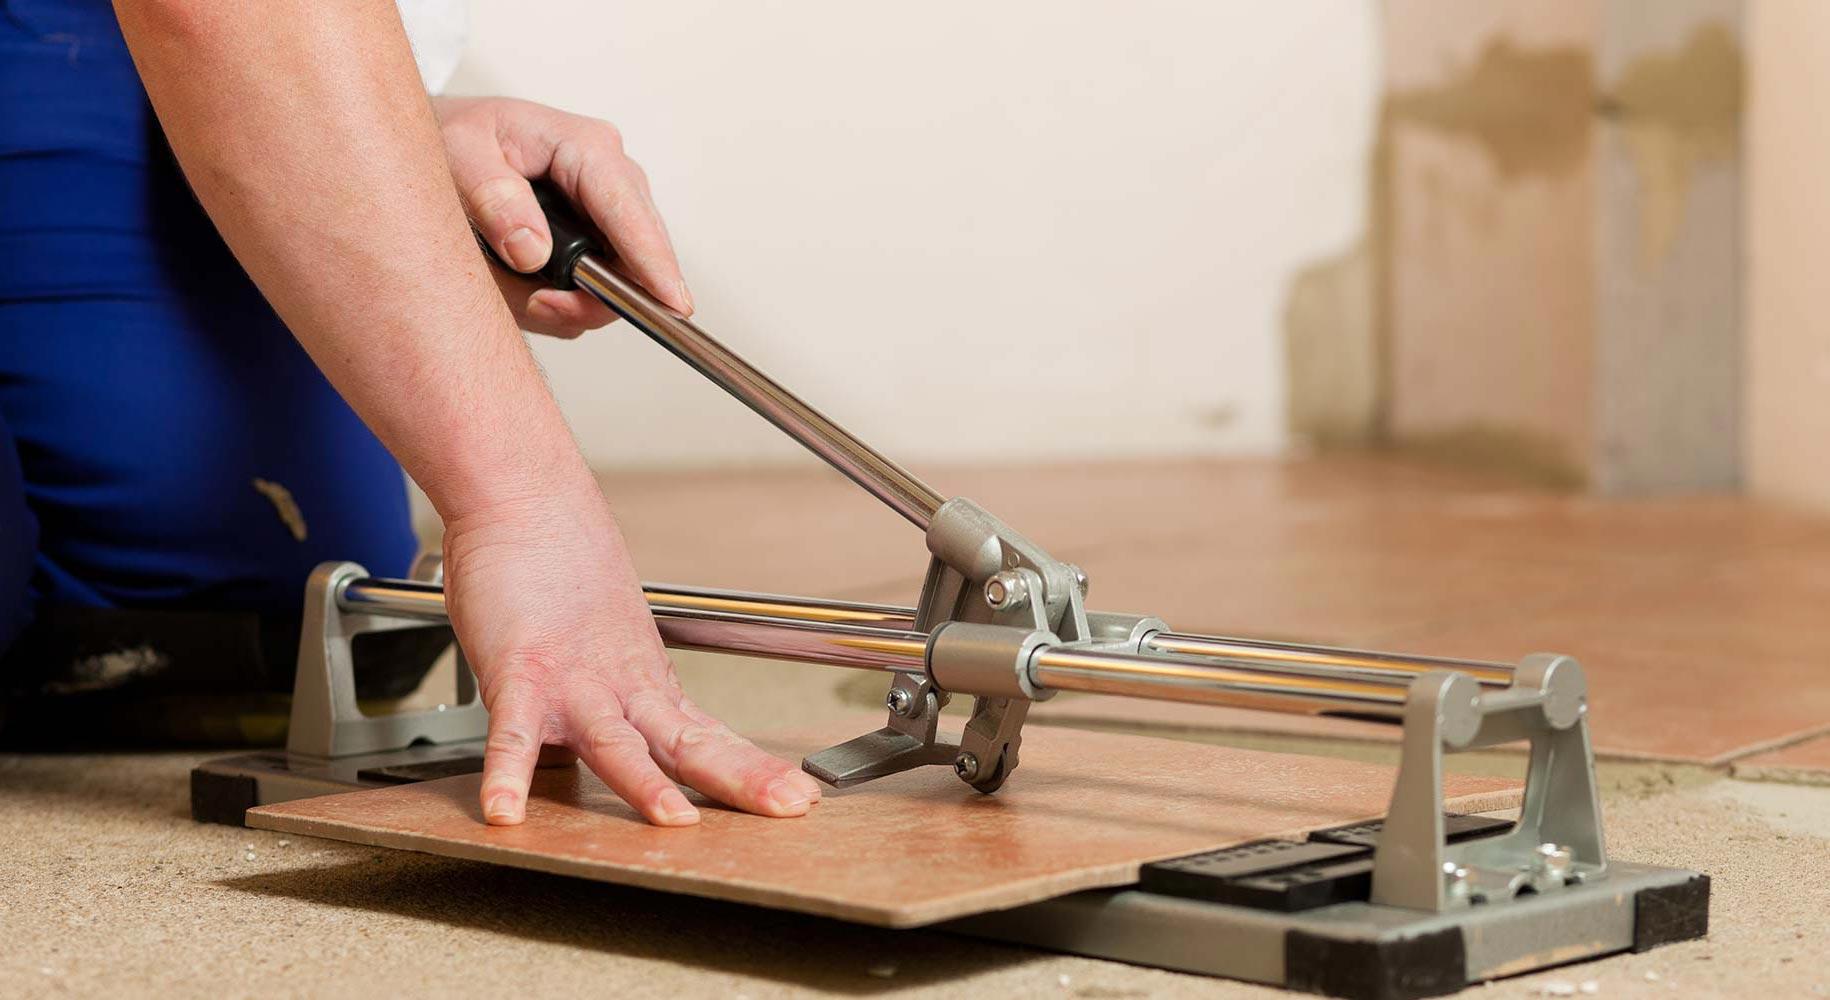 как уложить плитку на кухне-инструменты